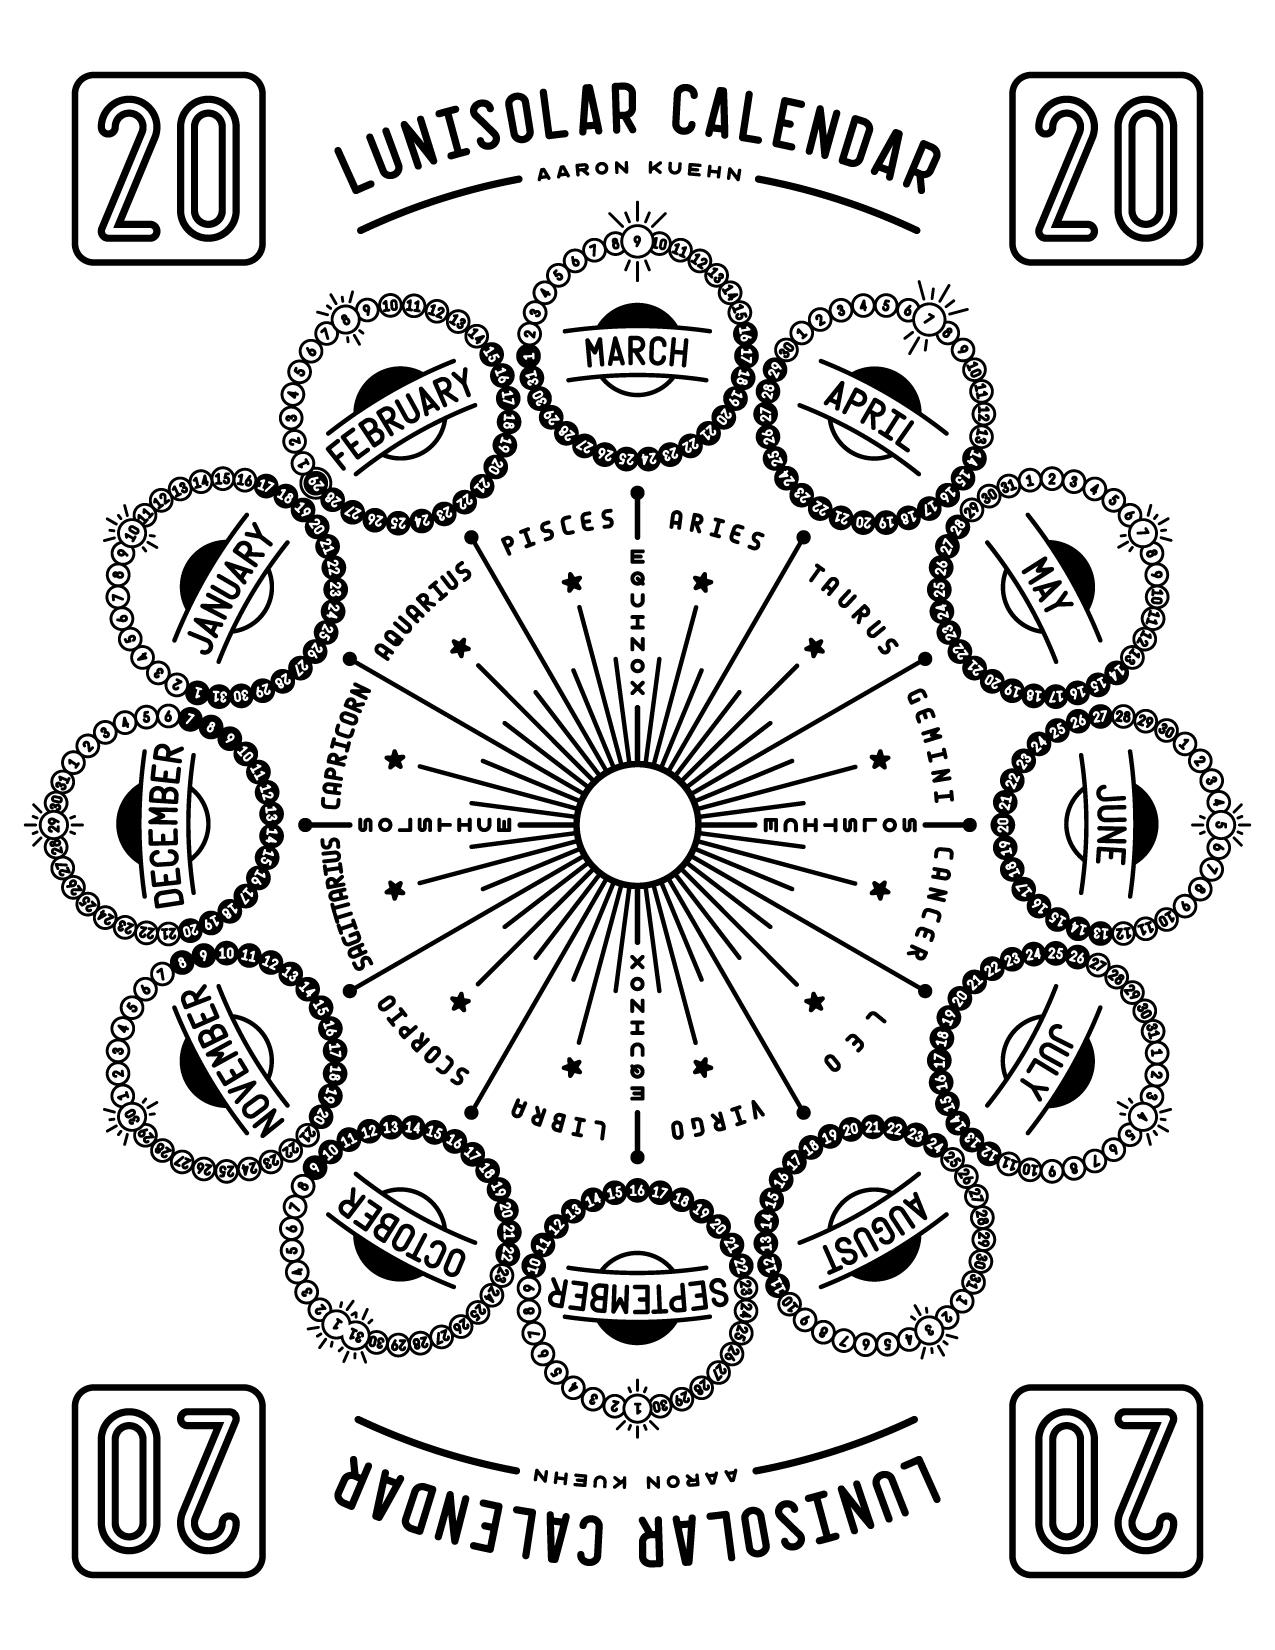 Aaron Kuehn | 2020 Lunisolar Calendar  2020 Solar Calendar Vs Lunar Calendar